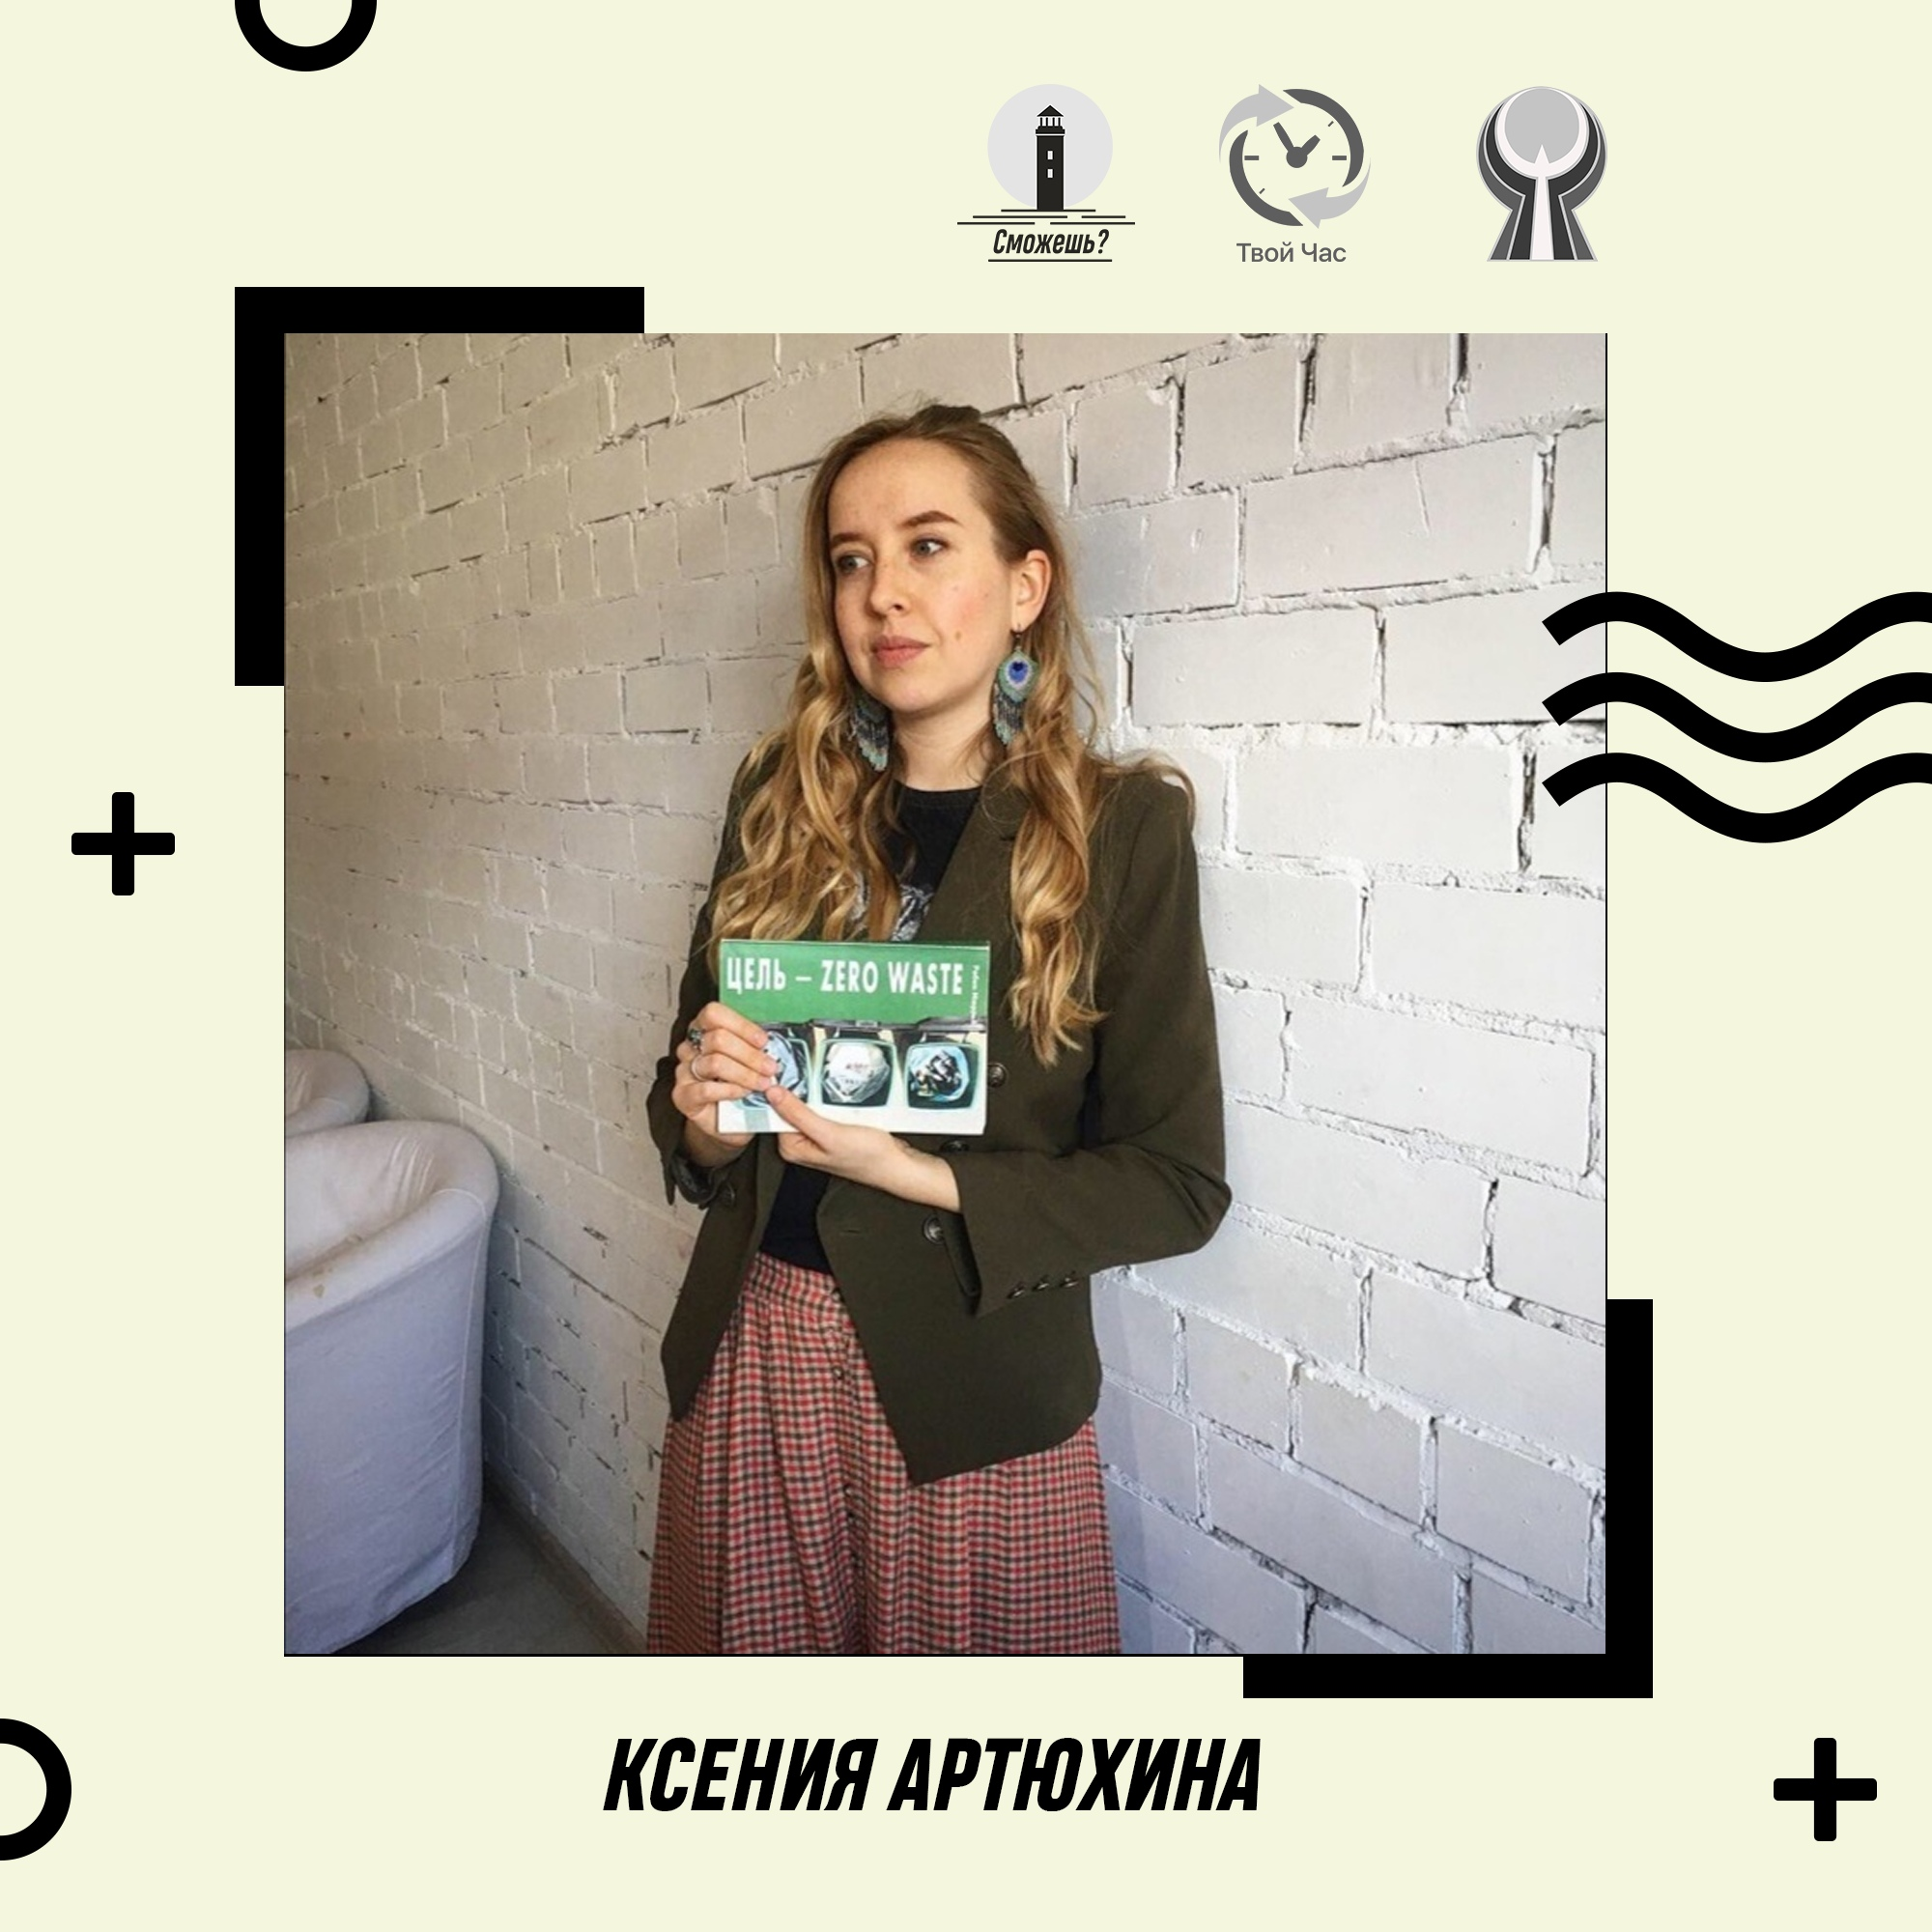 """Проект «Сможешь?», лекция от эко-просветительницы Ксении Артюхиной """"Принципы экологии"""" @ ПЛАТФОРМА (ул. Марата, 8, корп. 4)"""